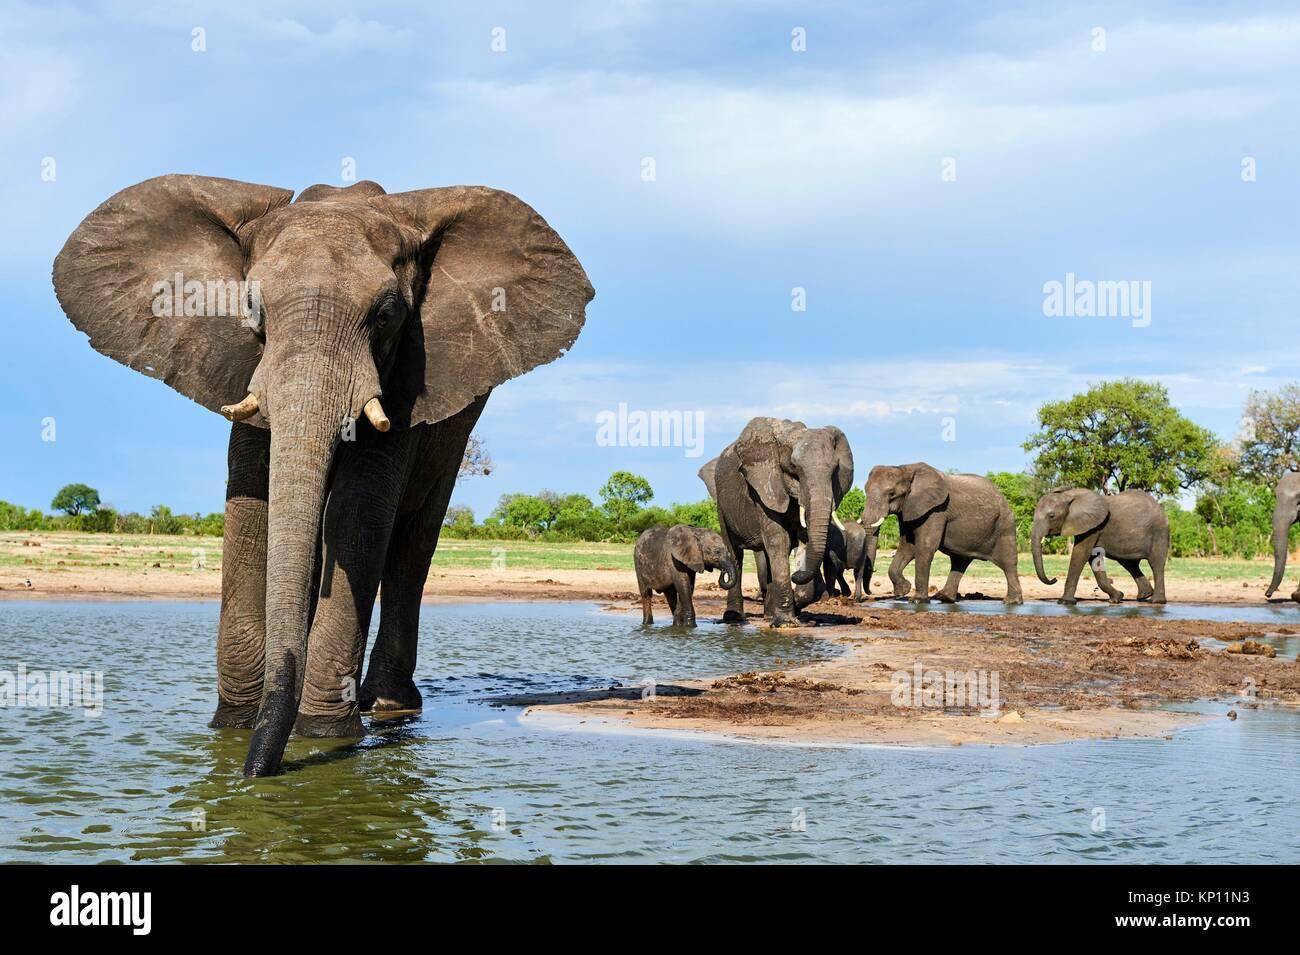 Grupo de elefante africano (Loxodonta africana), bebiendo en una watehole. El Parque Nacional de Hwange (Zimbabwe). Imagen De Stock